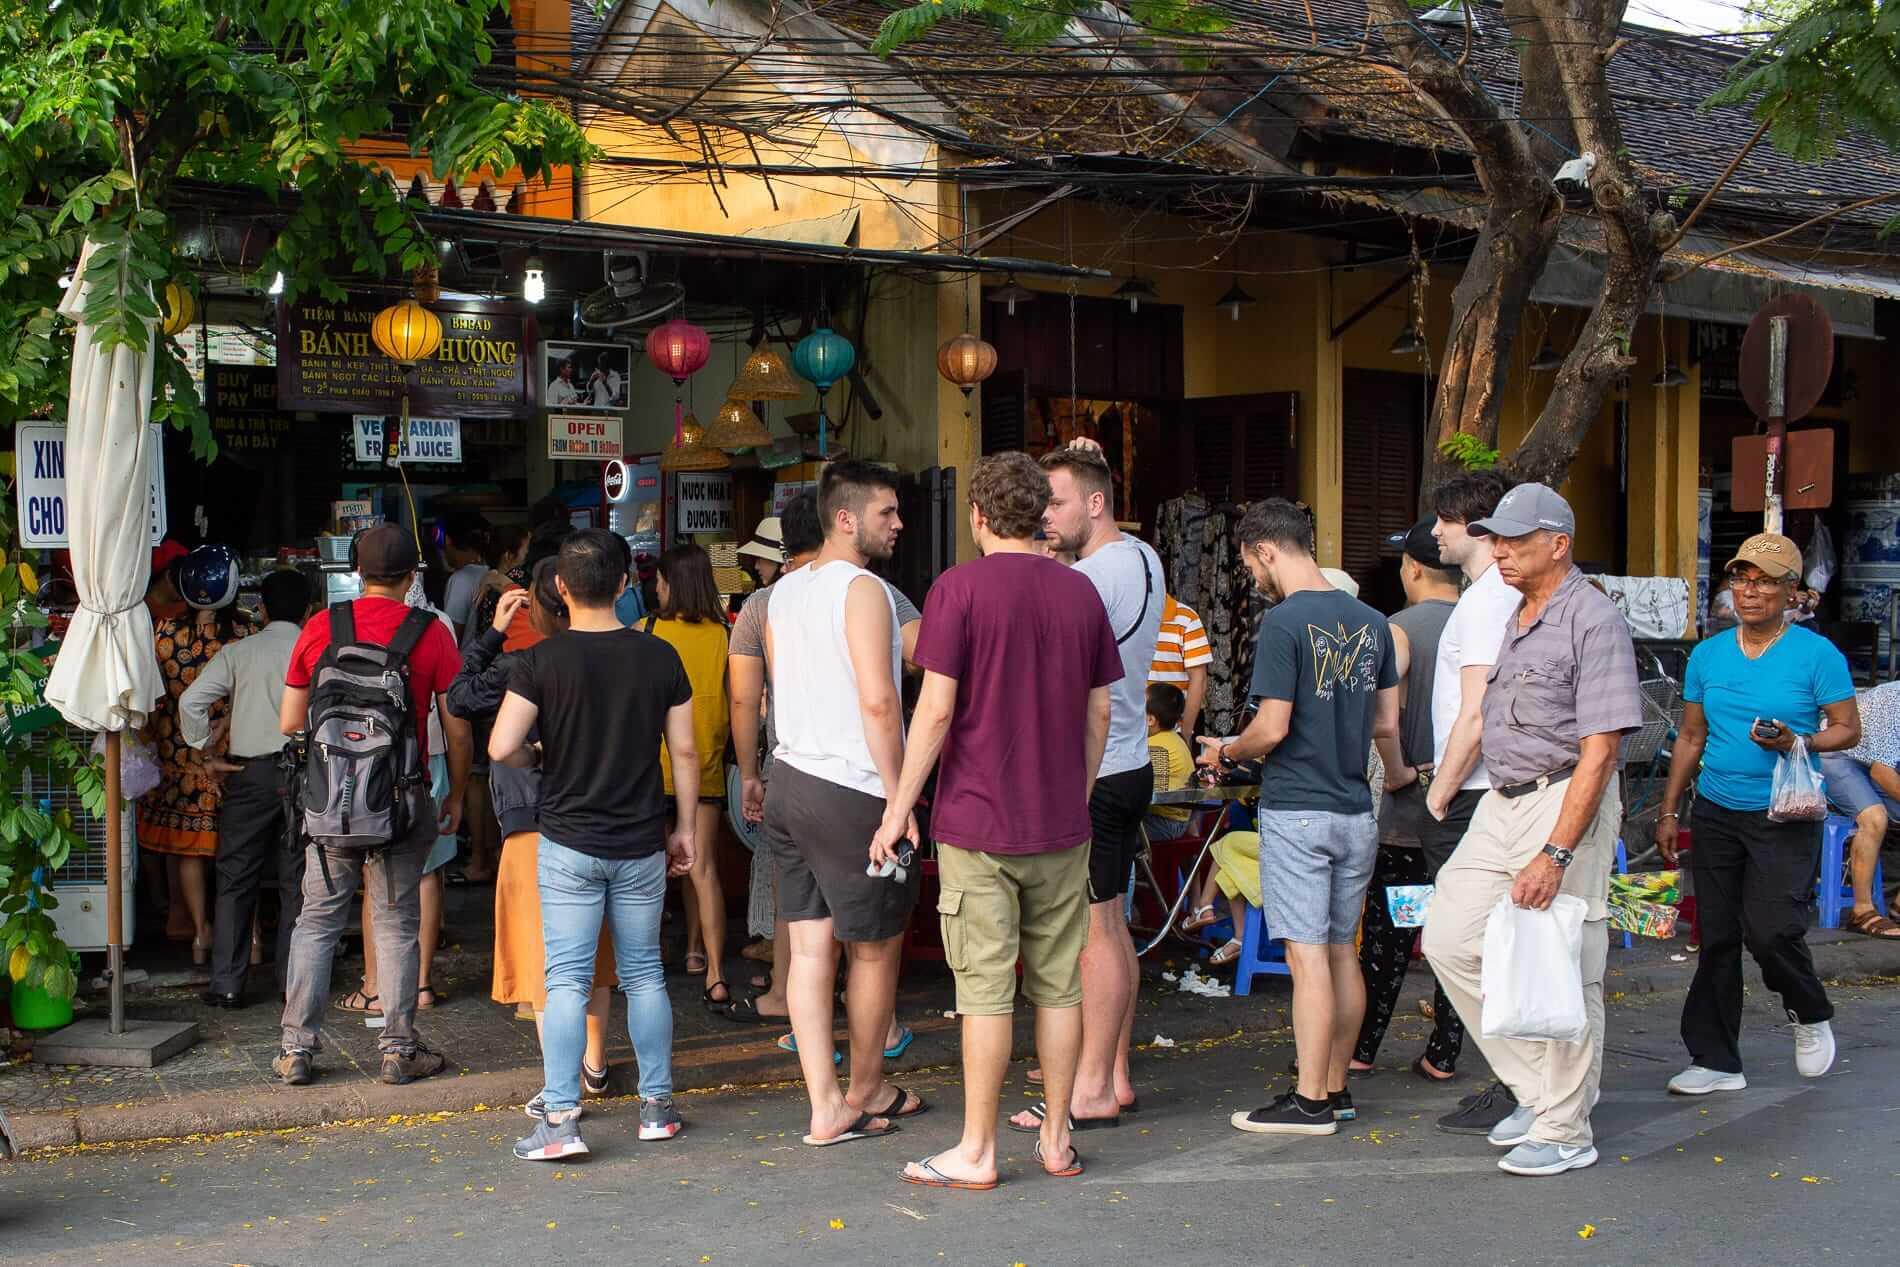 Line at Banh Mi Phuong